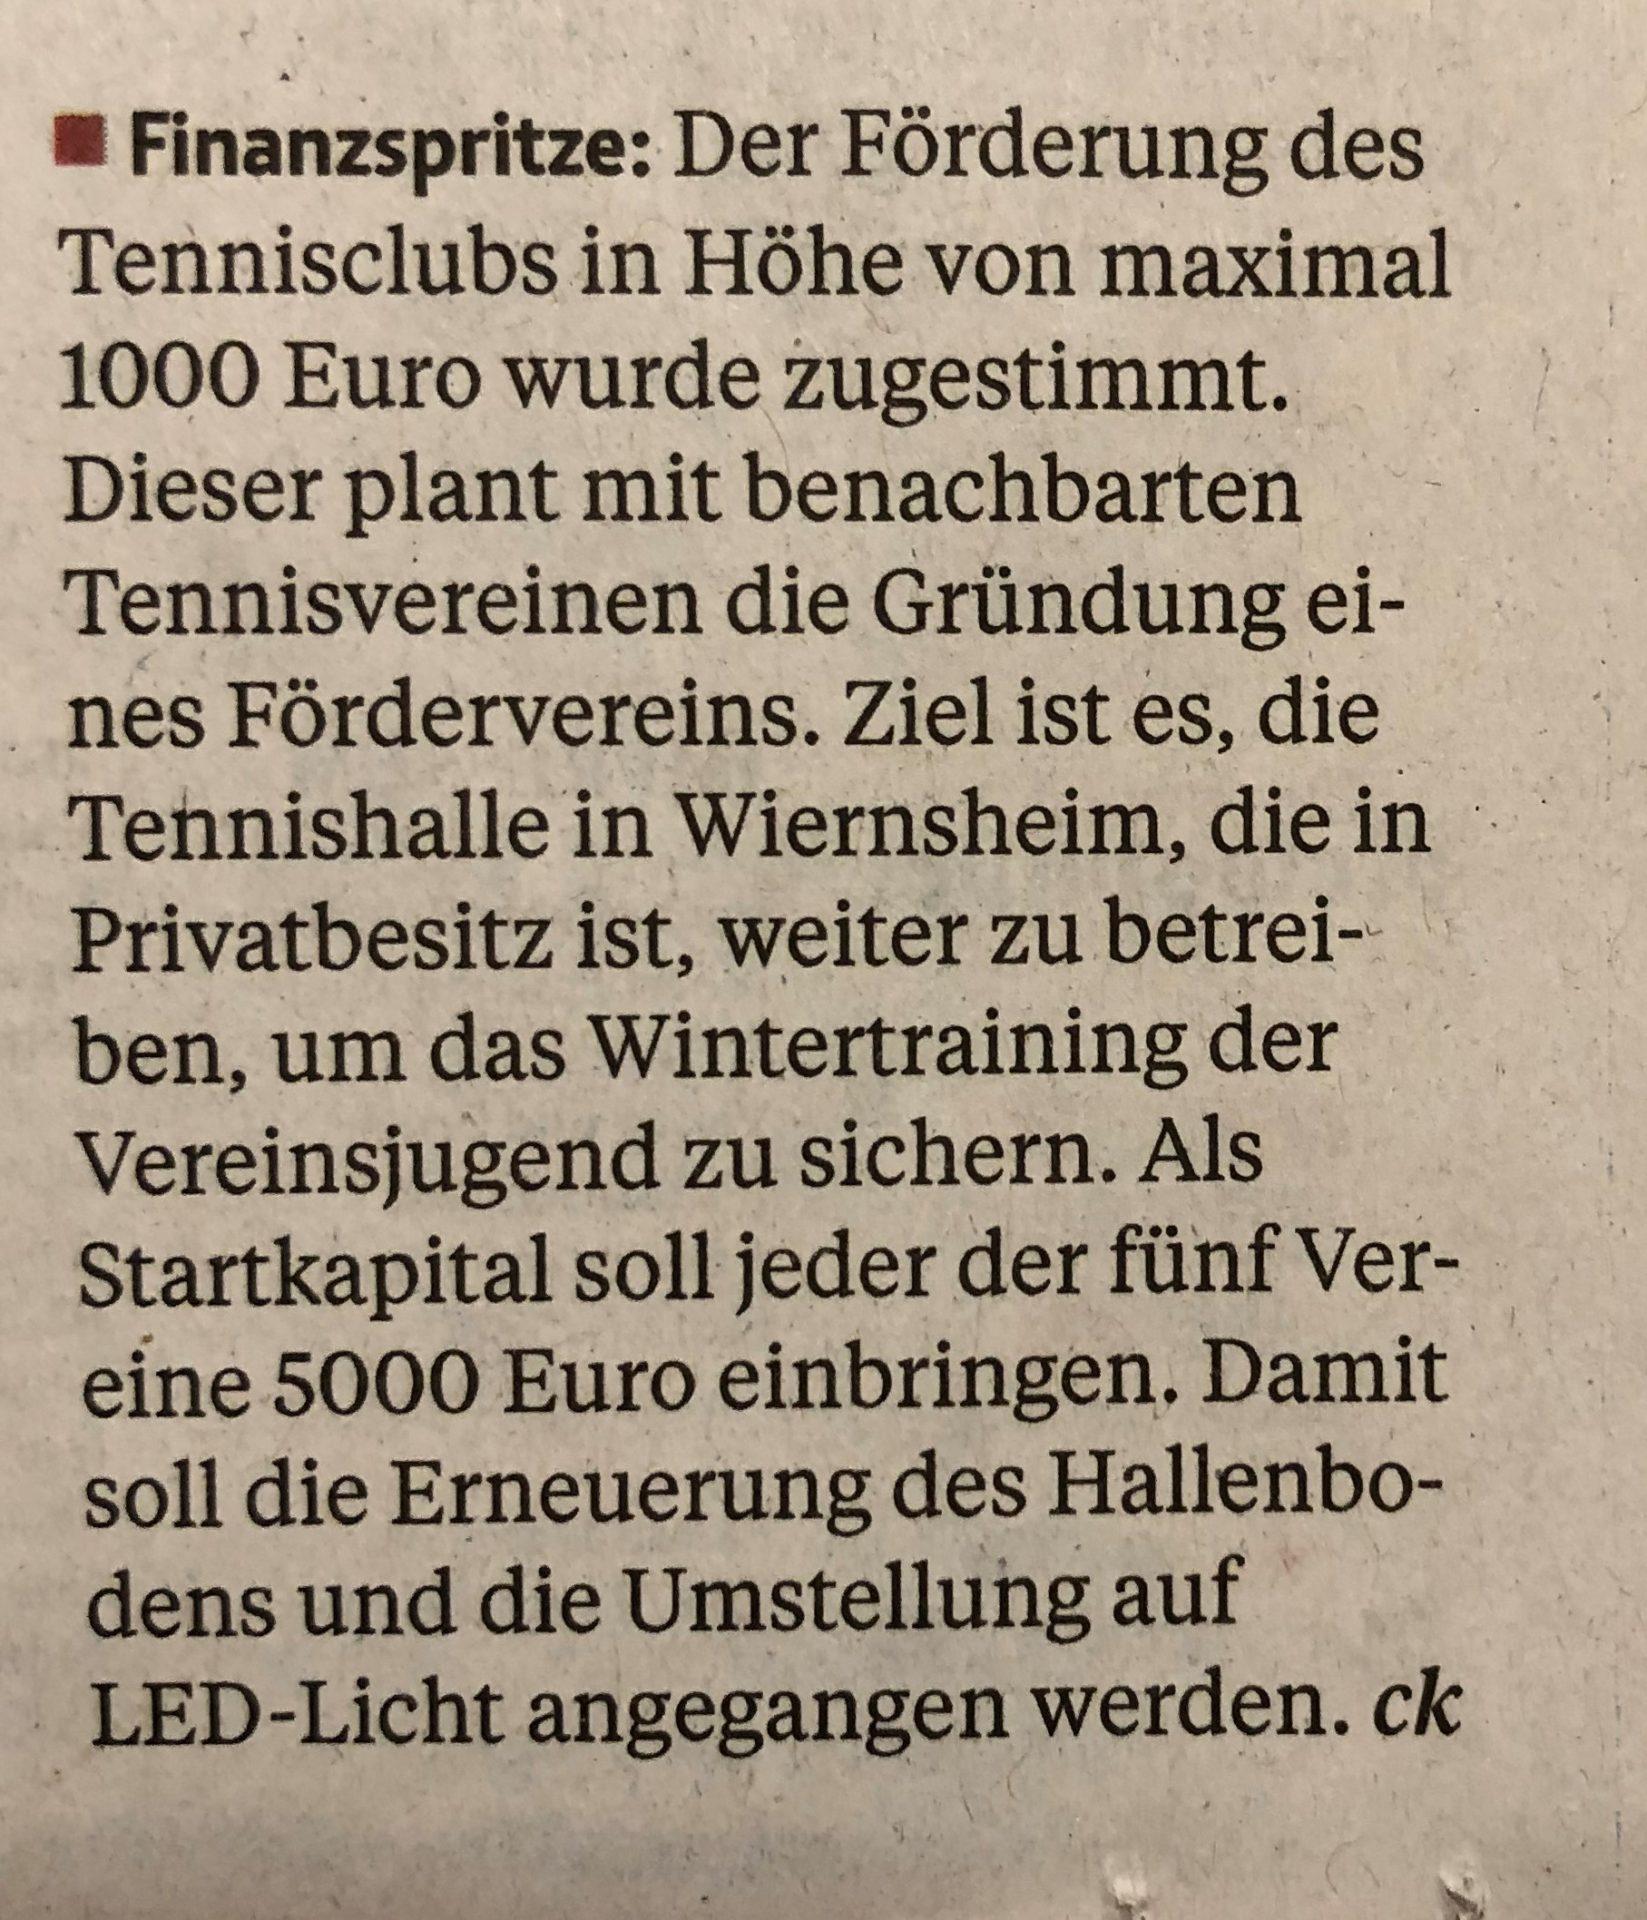 Finanzspritze / Pforzheimer Zeitung